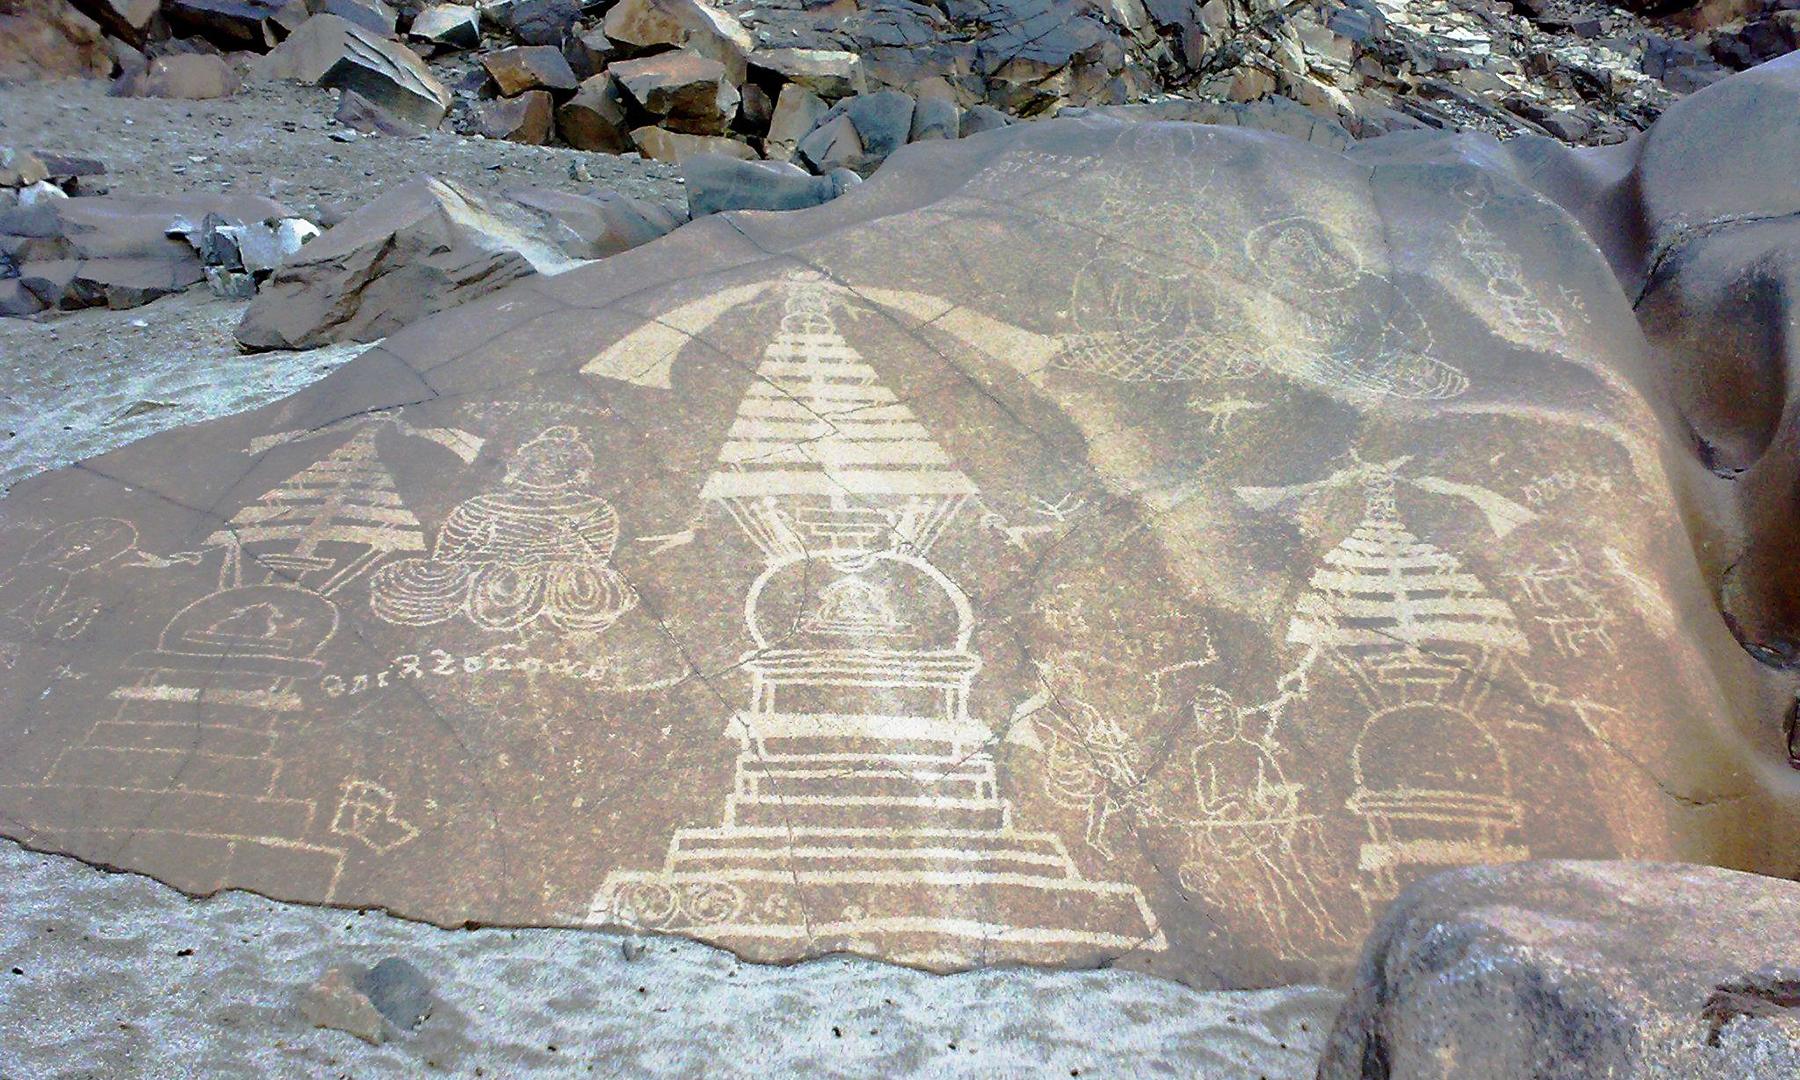 پتھروں پر کندہ کی گئی تصاویر علاقے کی تاریخ بیان کرتی ہیں۔